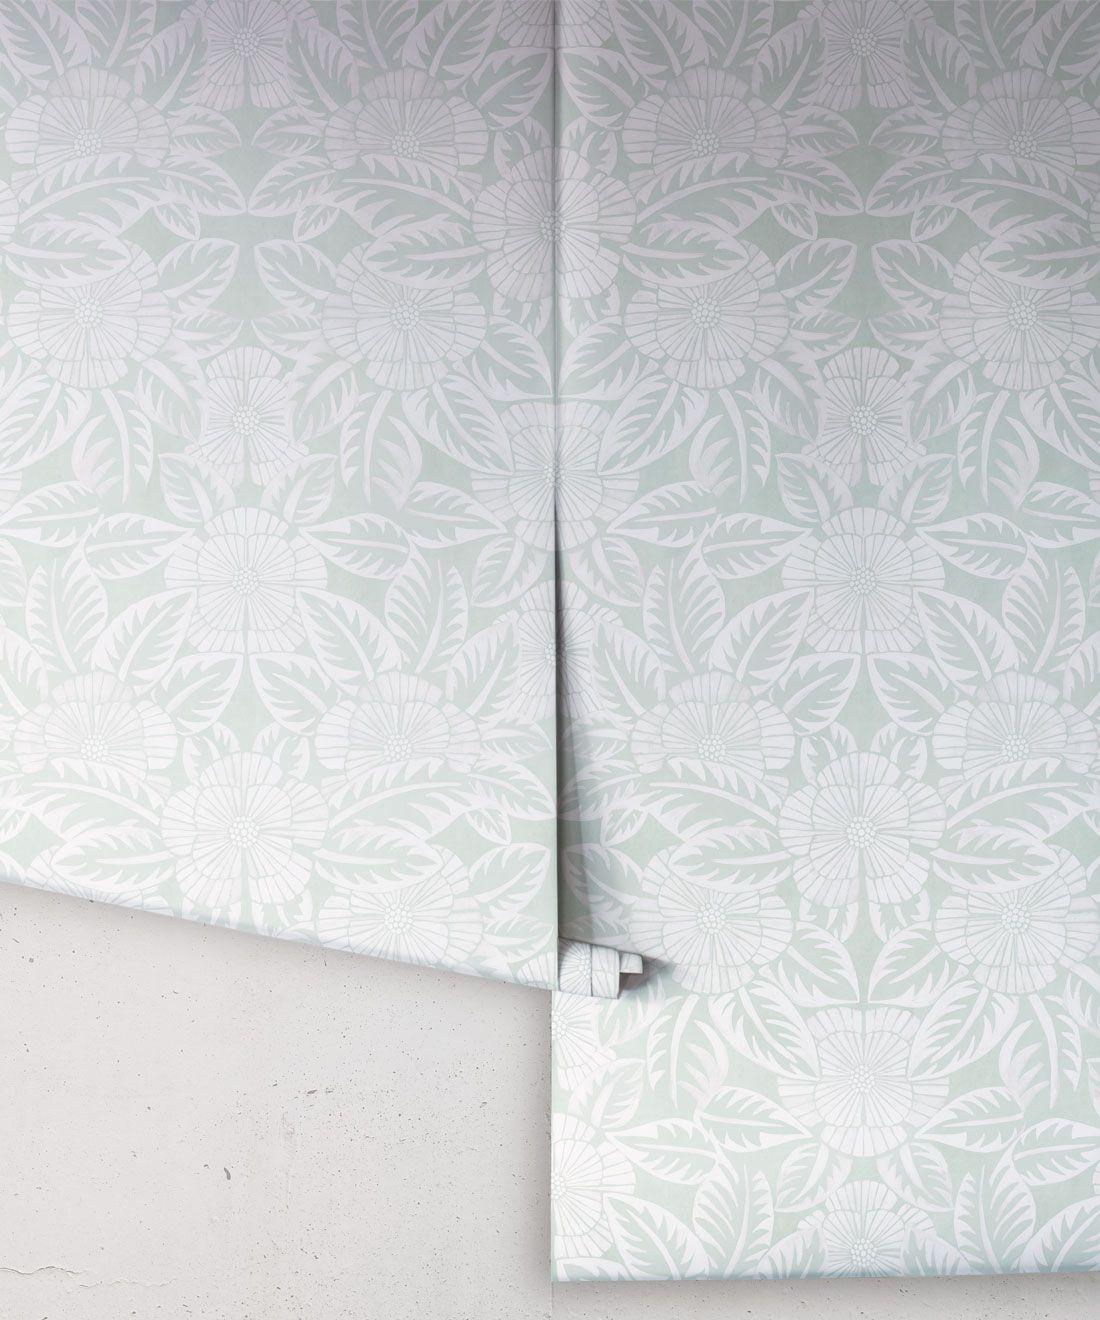 Calcutta Wallpaper • Flower and Leaf Motif Design • Ethnic Wallpaper • Aqua Wallpaper • Rolls